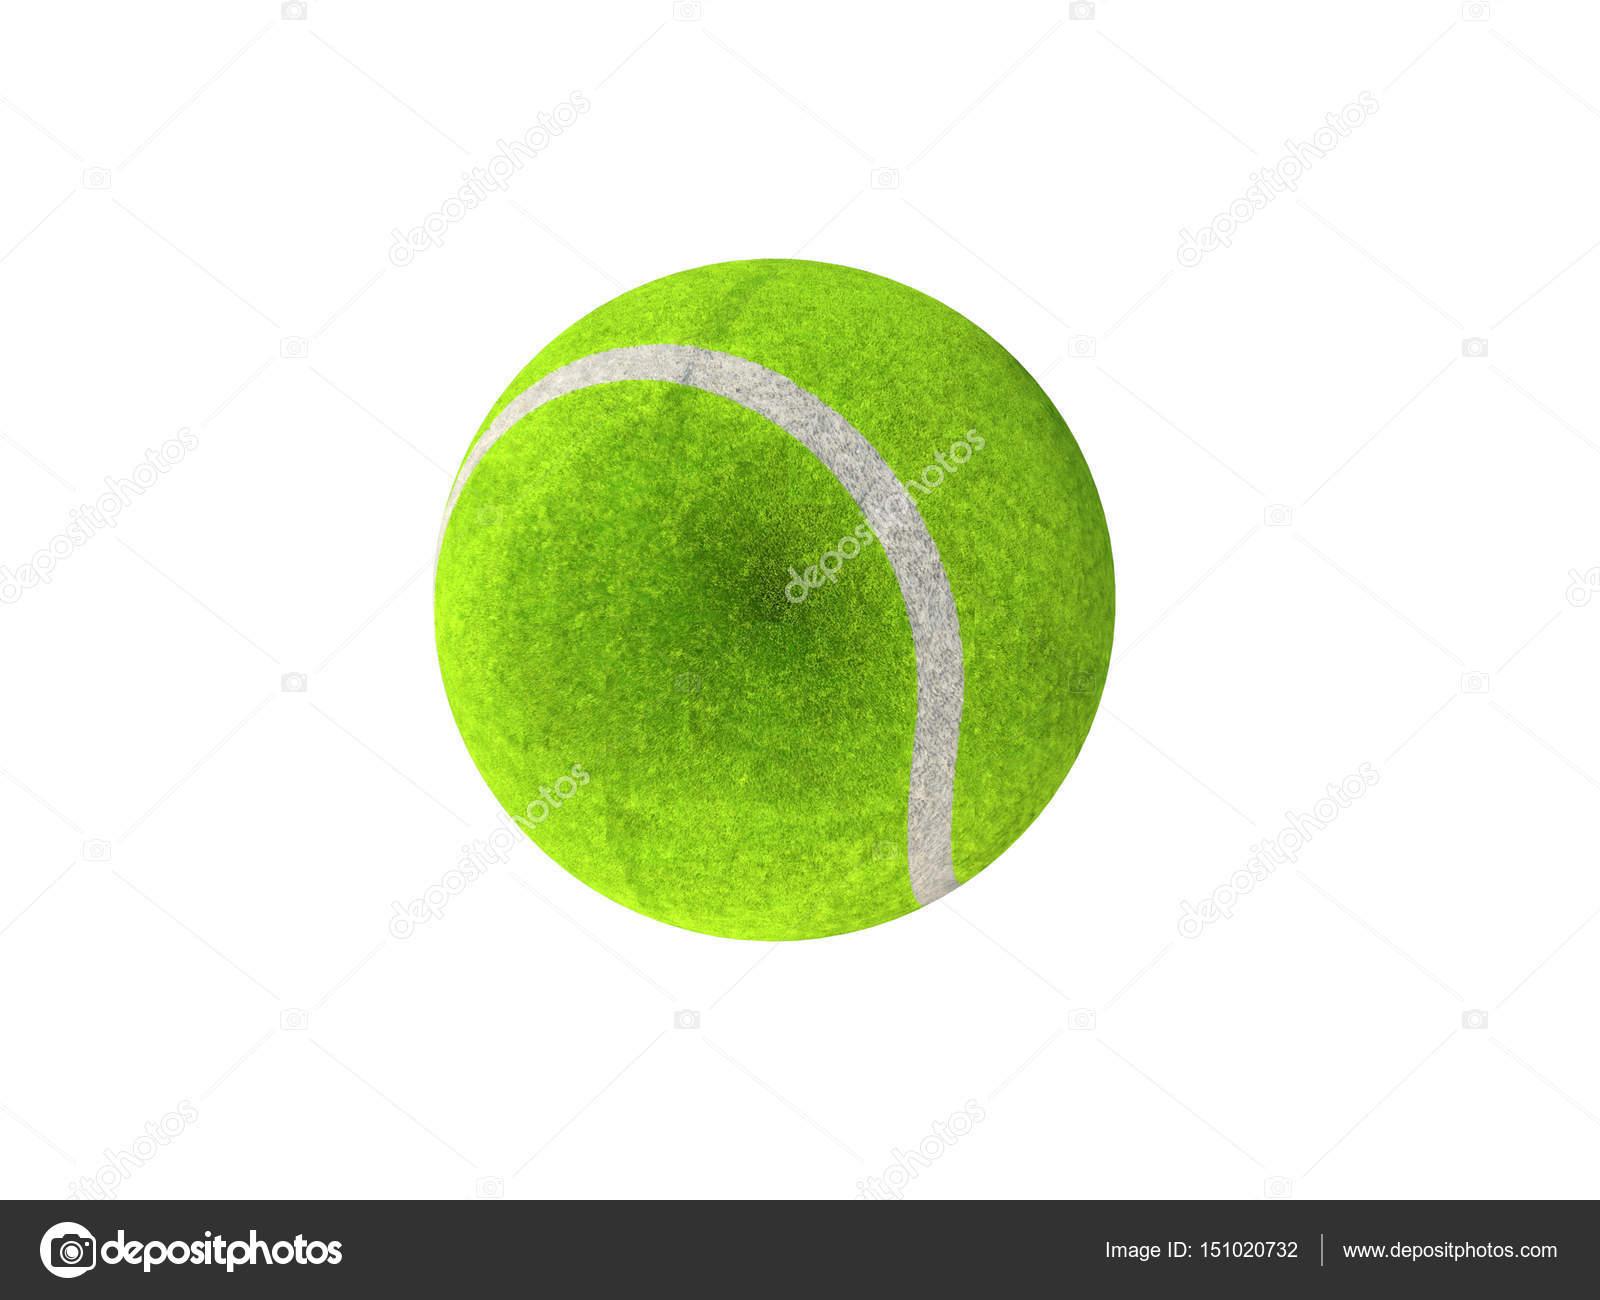 e28b683bf66a3 Rendu 3D de balle de tennis vert sur fond blanc — Photographie ...